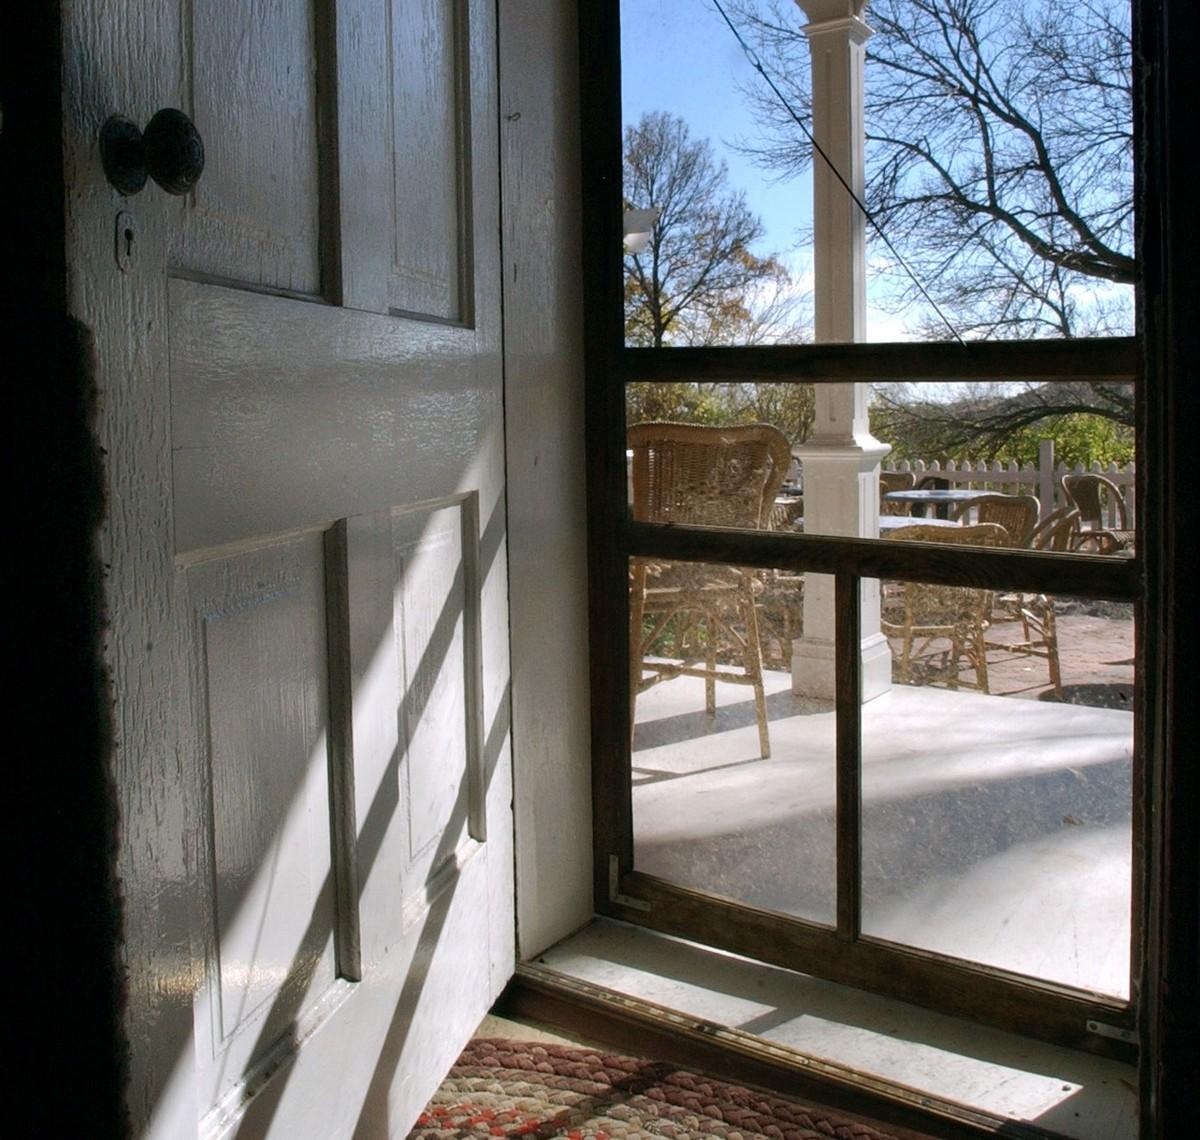 A front door is open to a screen door.